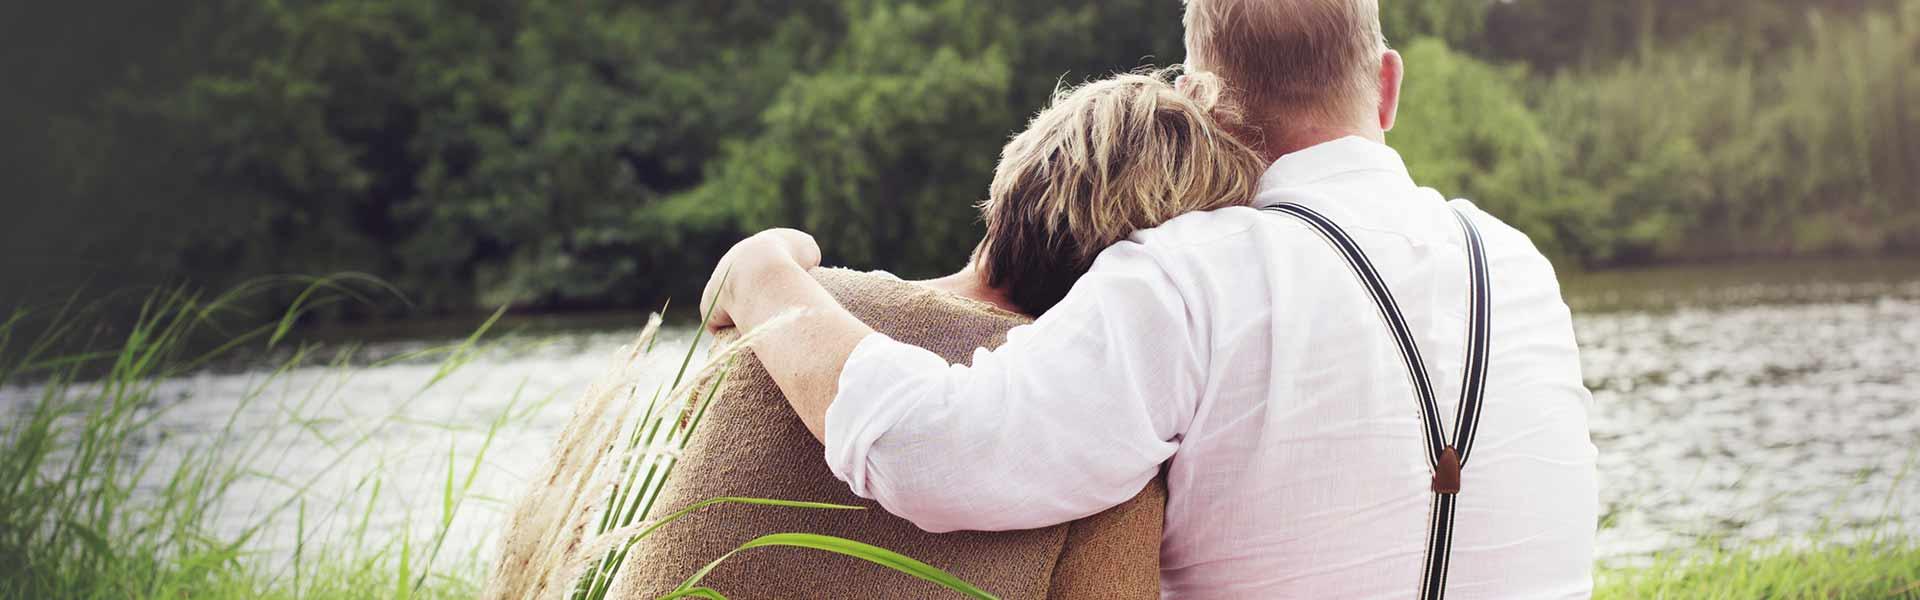 Personas abrazadas en la naturaleza